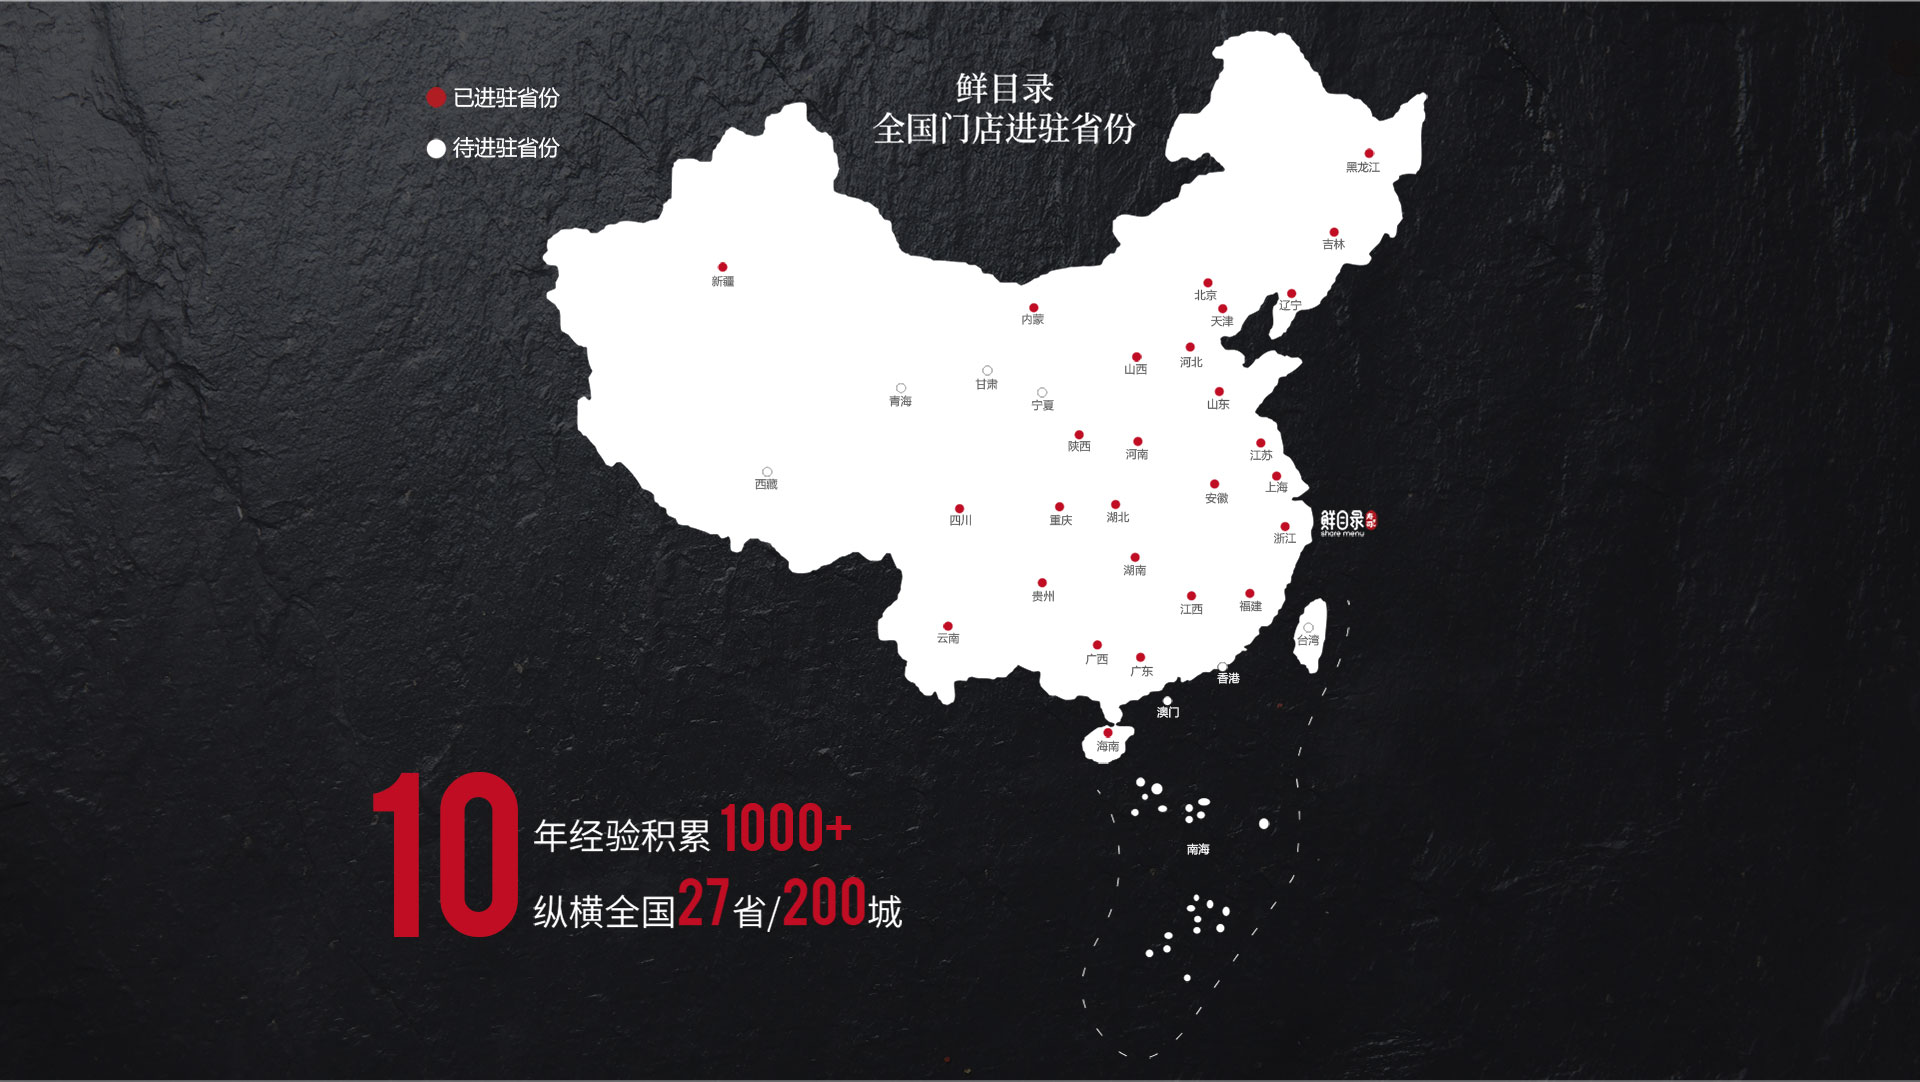 鲜目录寿司省份分布